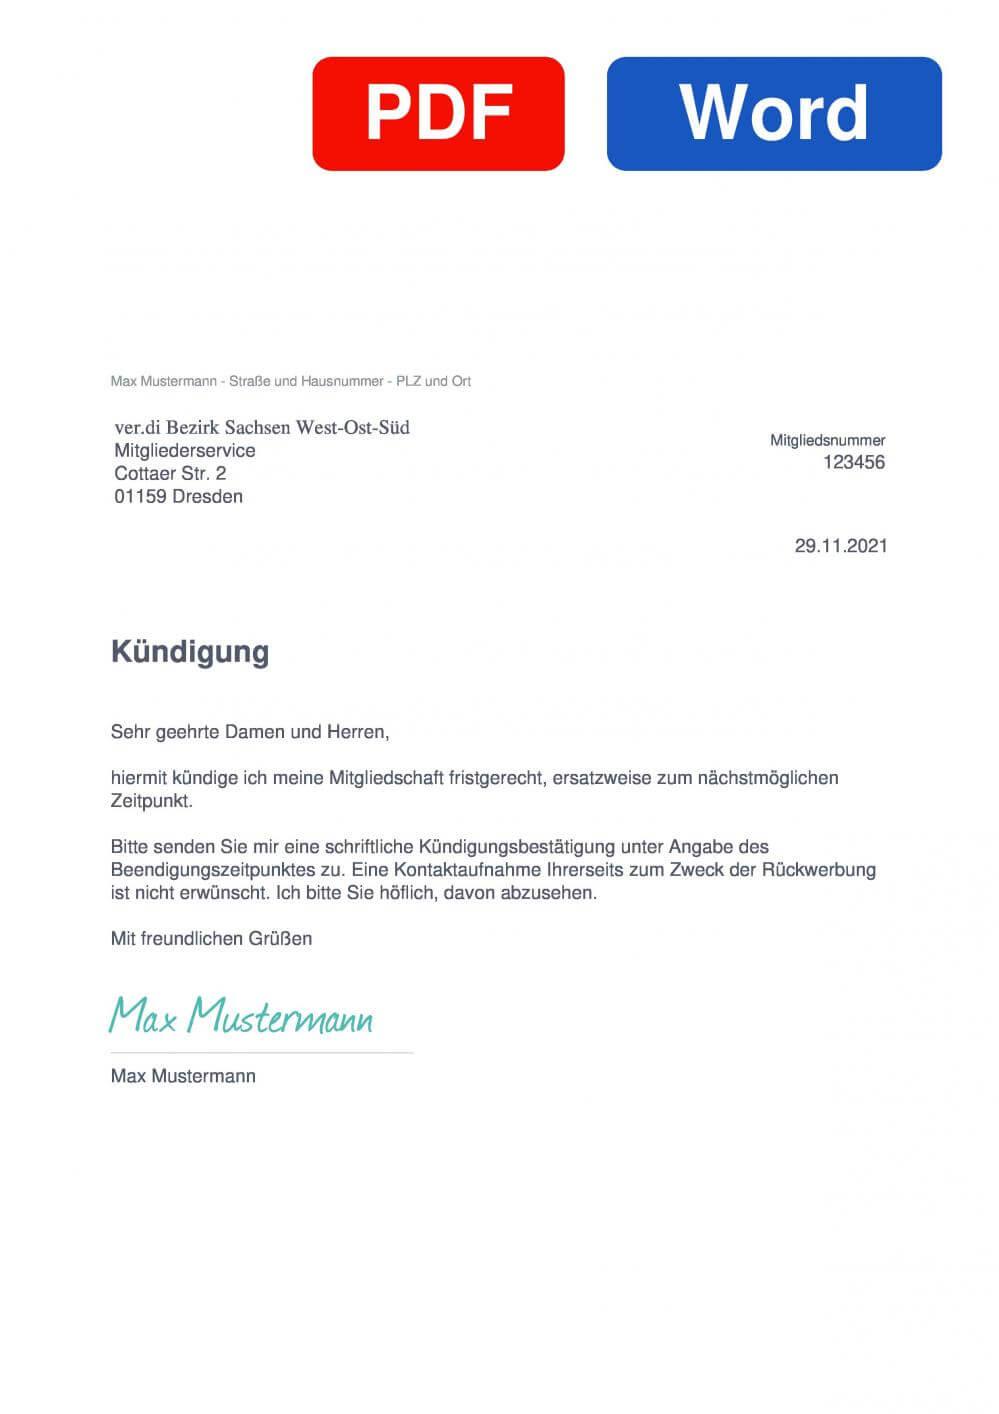 Verdi Chemnitz Muster Vorlage für Kündigungsschreiben